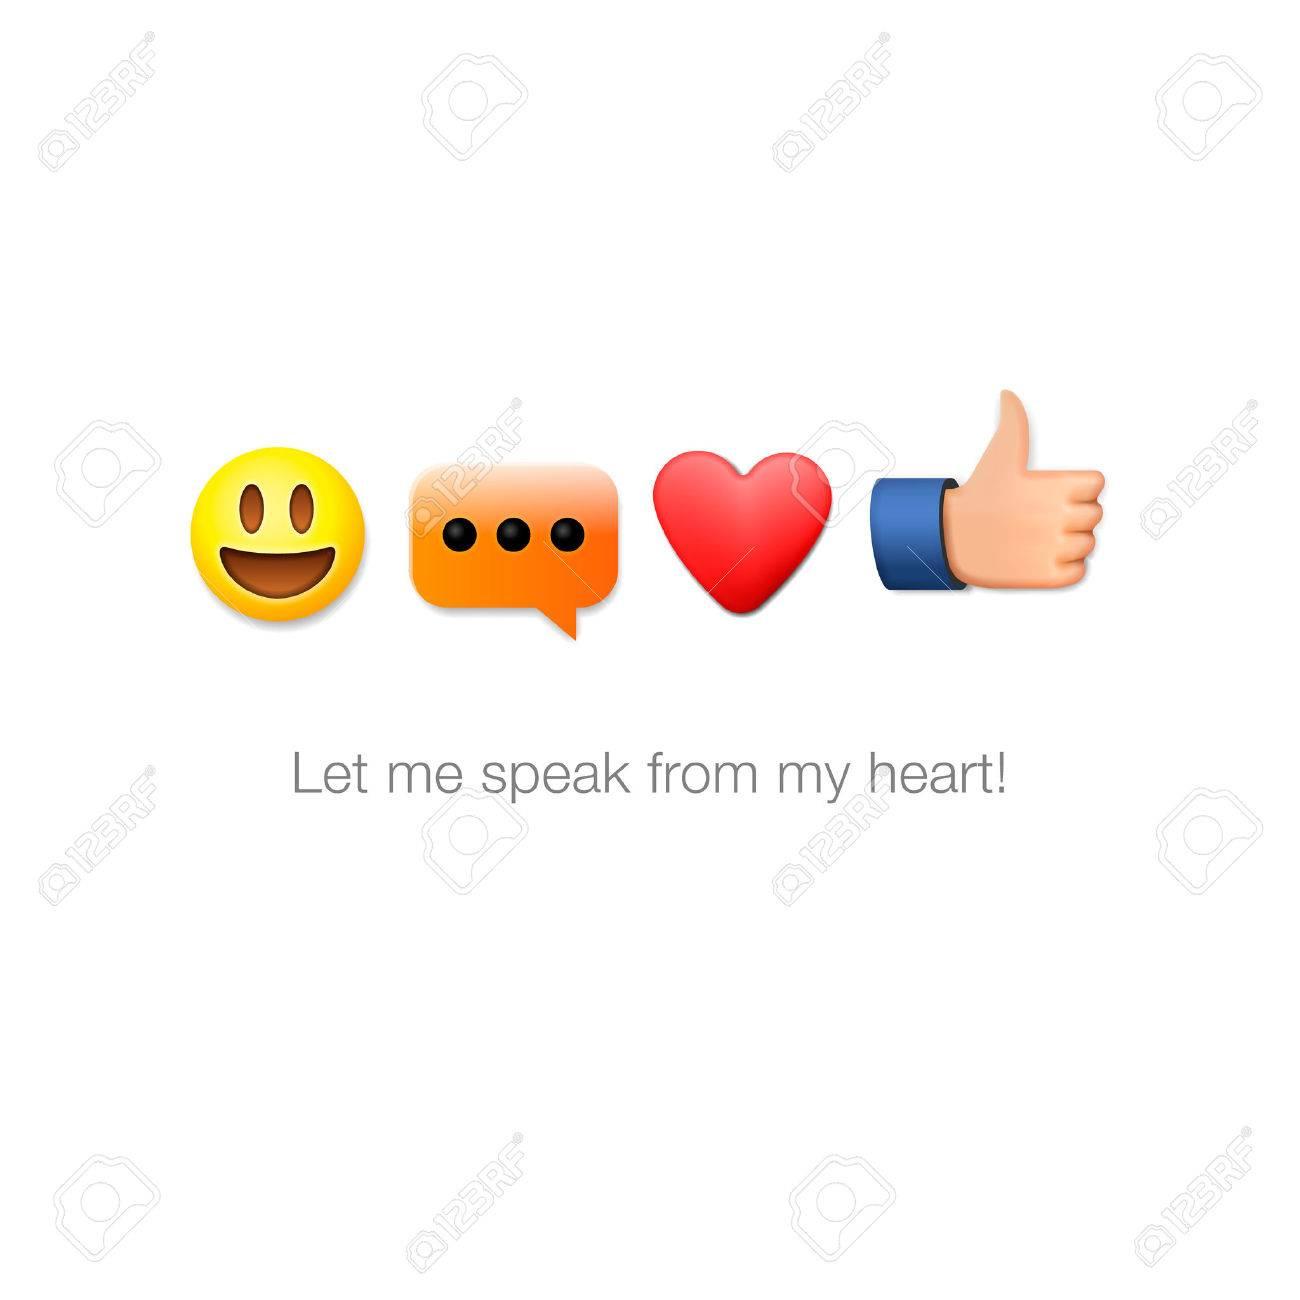 Emoticon-Icons, isoliert auf weißem Hintergrund, Vektor-Illustration. Standard-Bild - 49477402